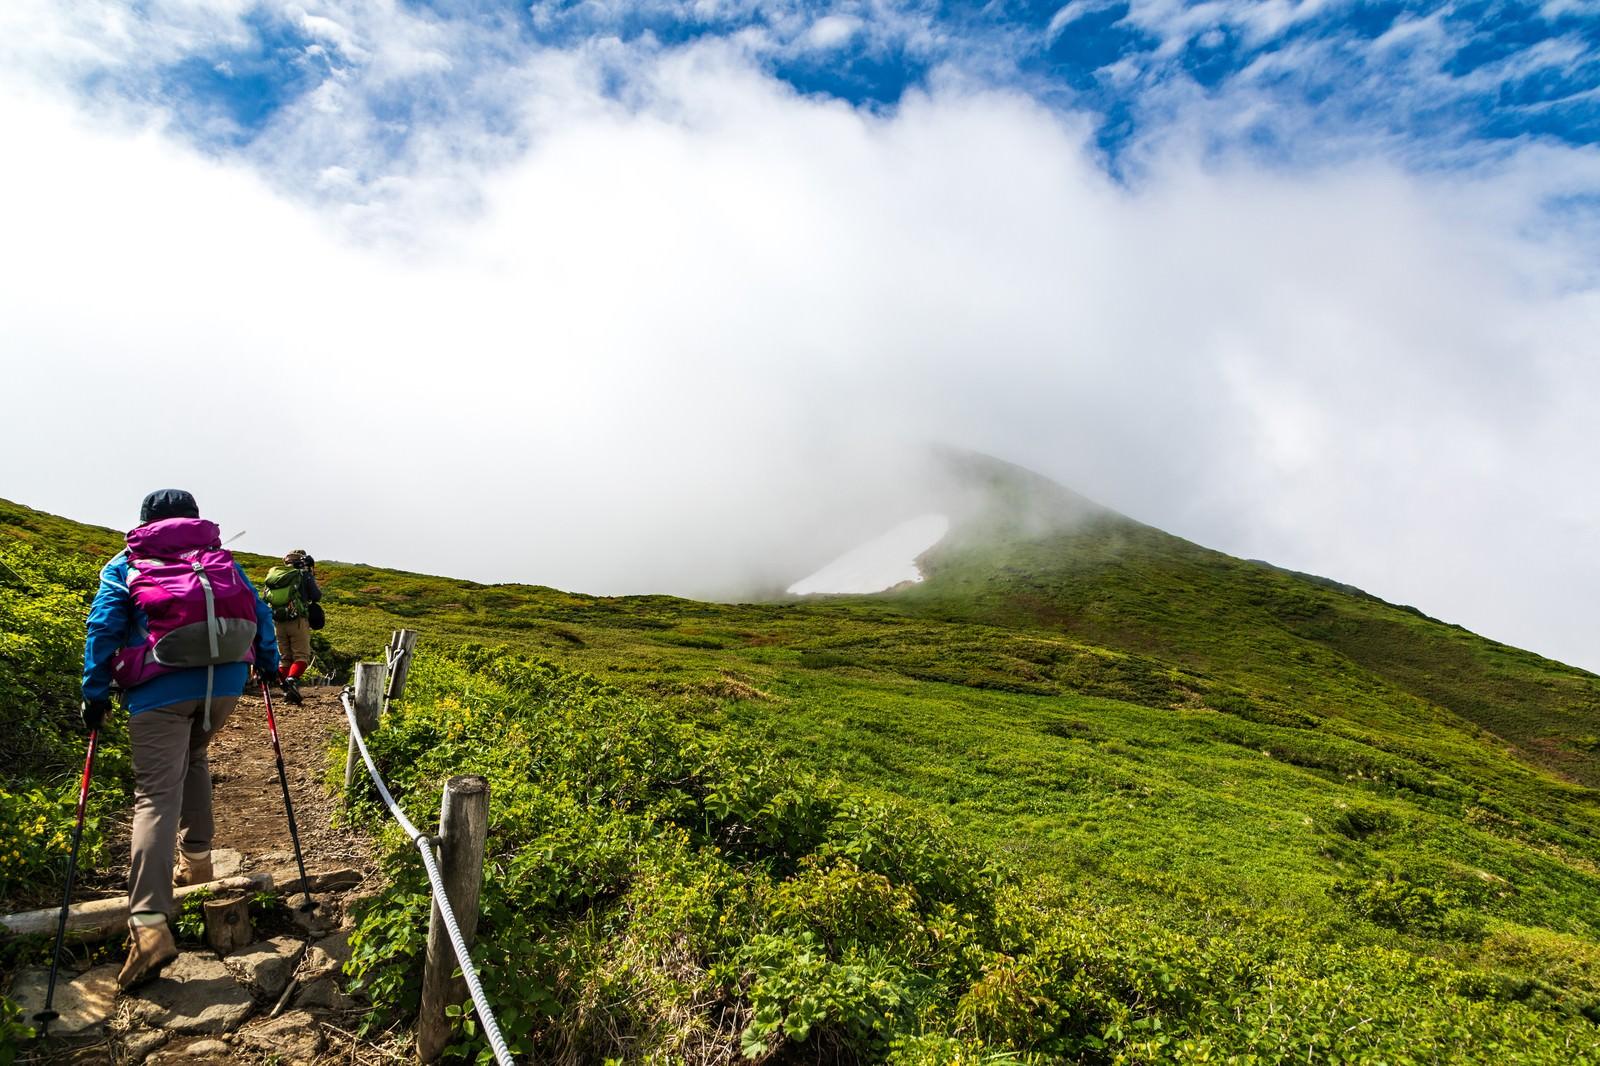 「沸き立つ雲の中へと進む登山者(秋田駒ケ岳)」の写真